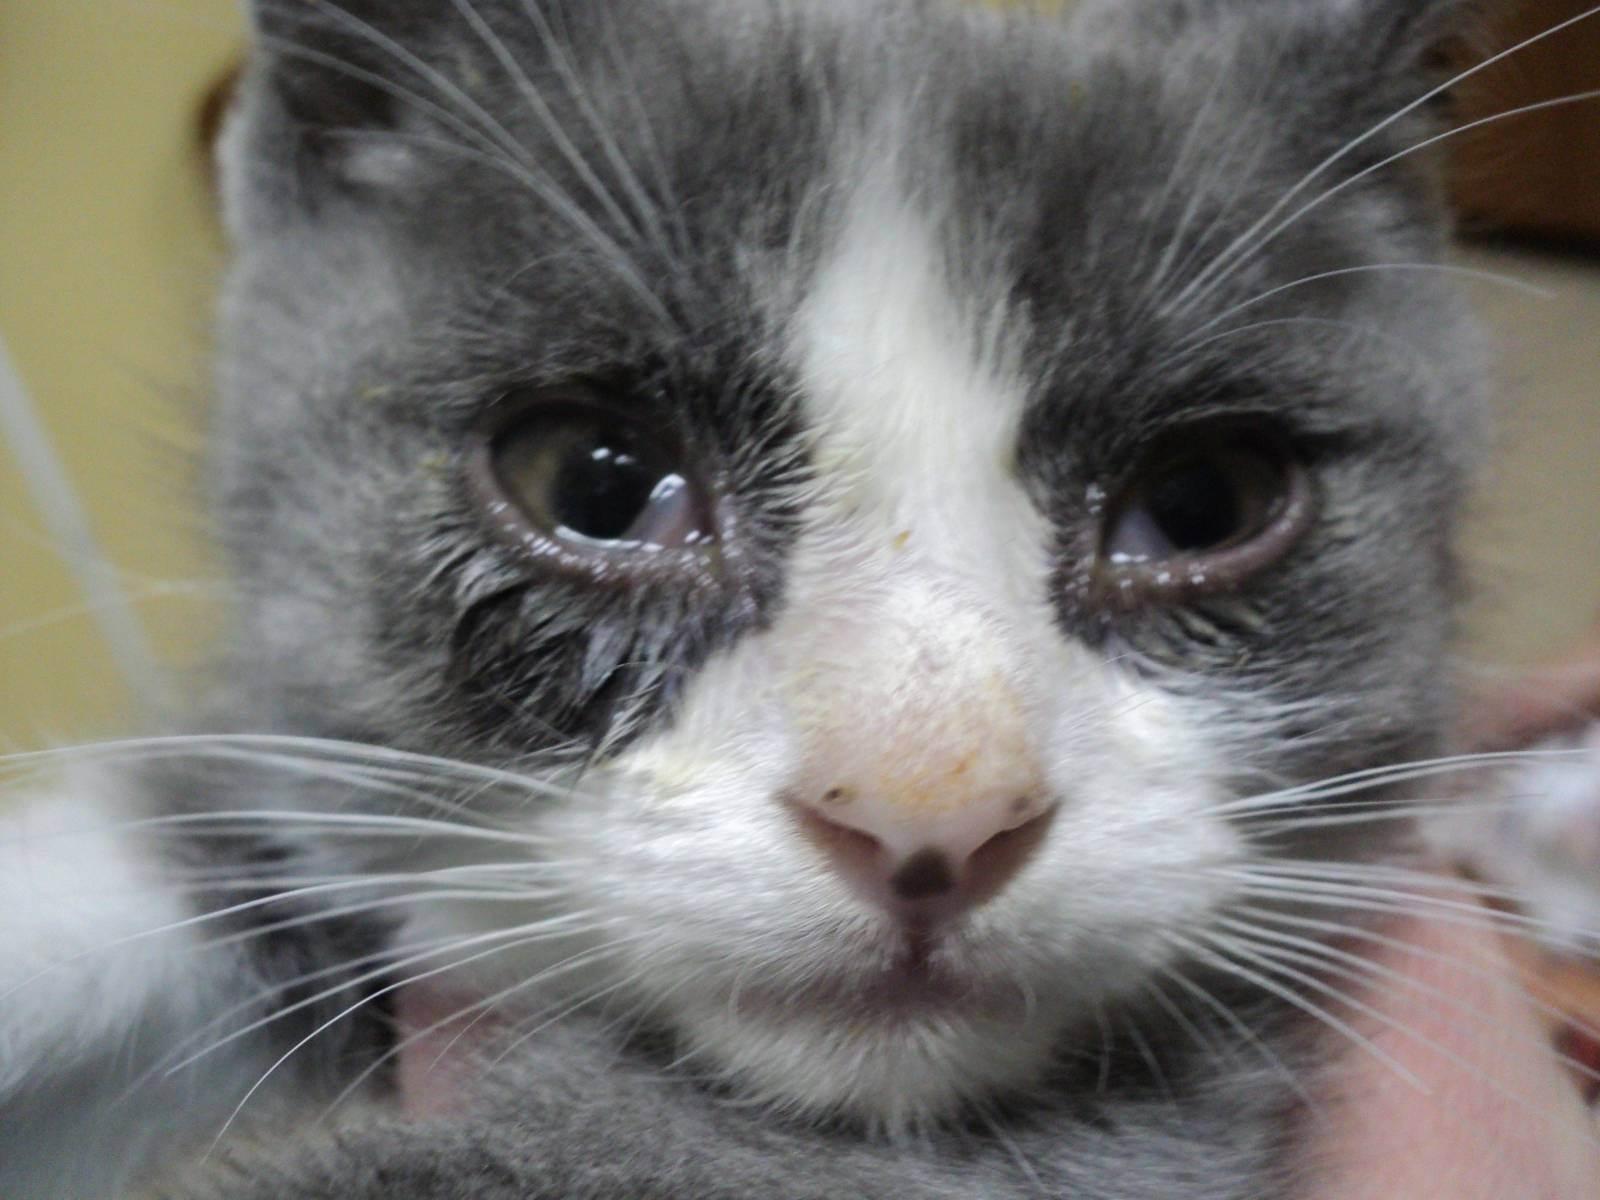 Что делать если у британской кошки слезятся глаза. почему у британской кошки слезятся глаза